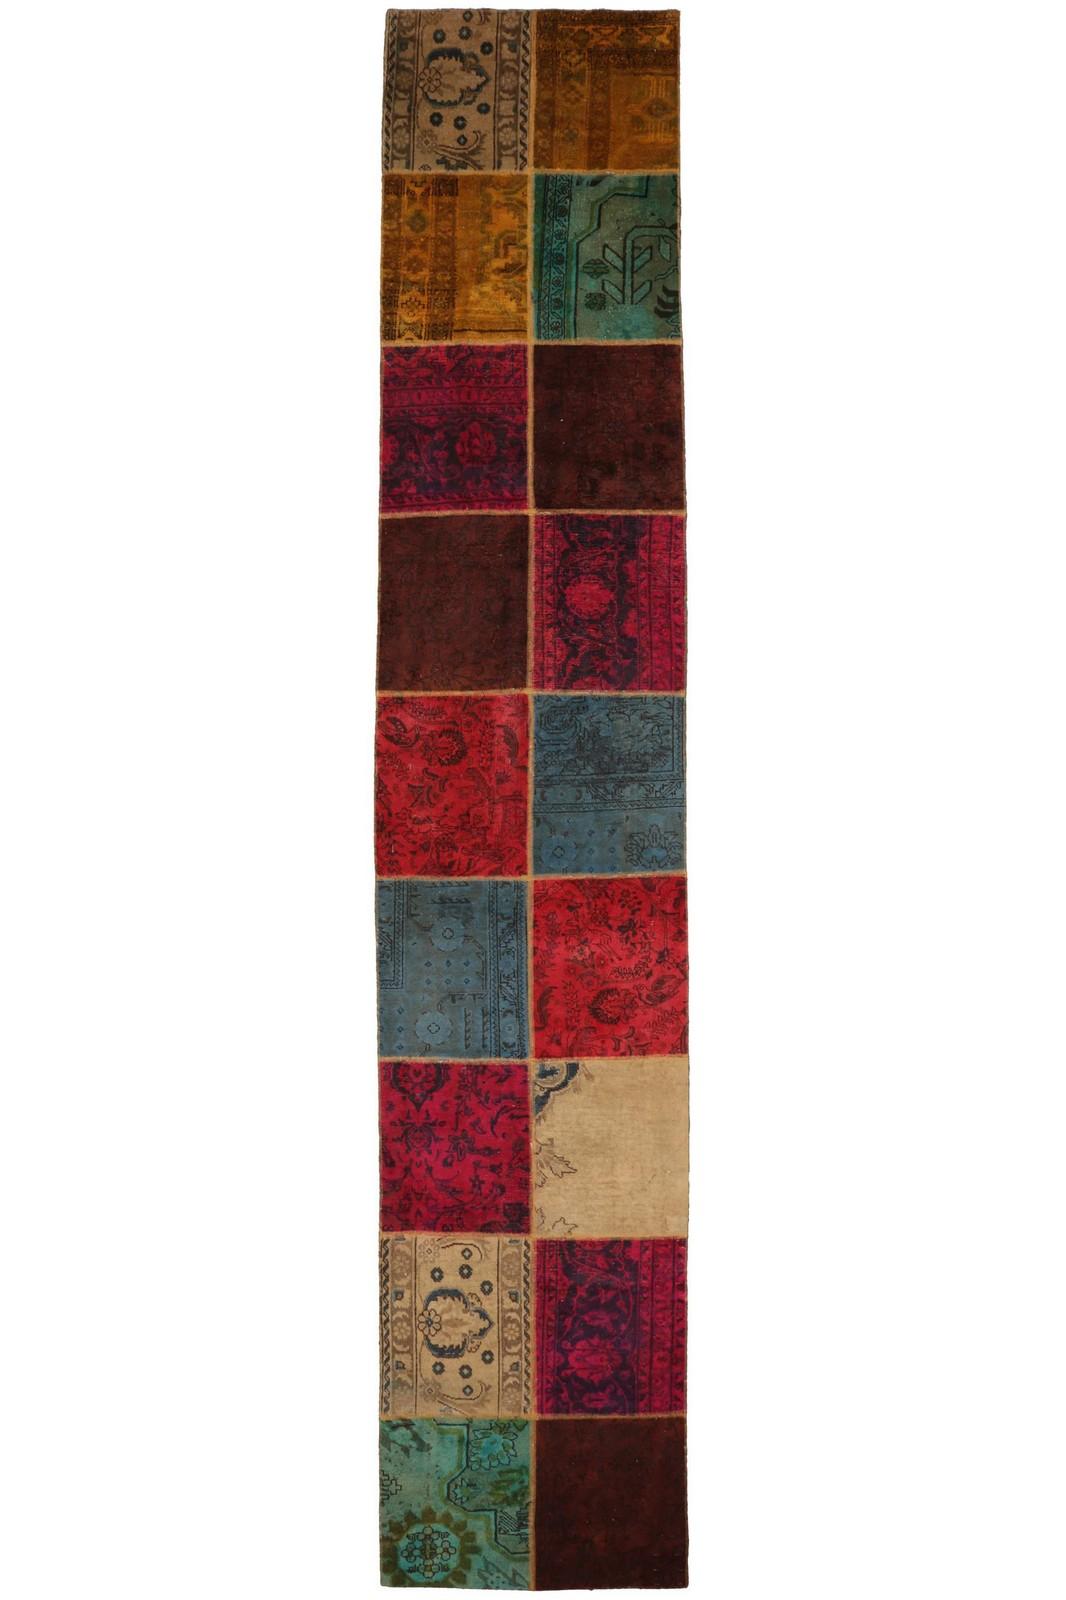 Persisk patchwork løber, 455 x 85 cm - Persisk patchwork løber, fremstillet af persiske vintage fragmenter. 455 x 85 cm